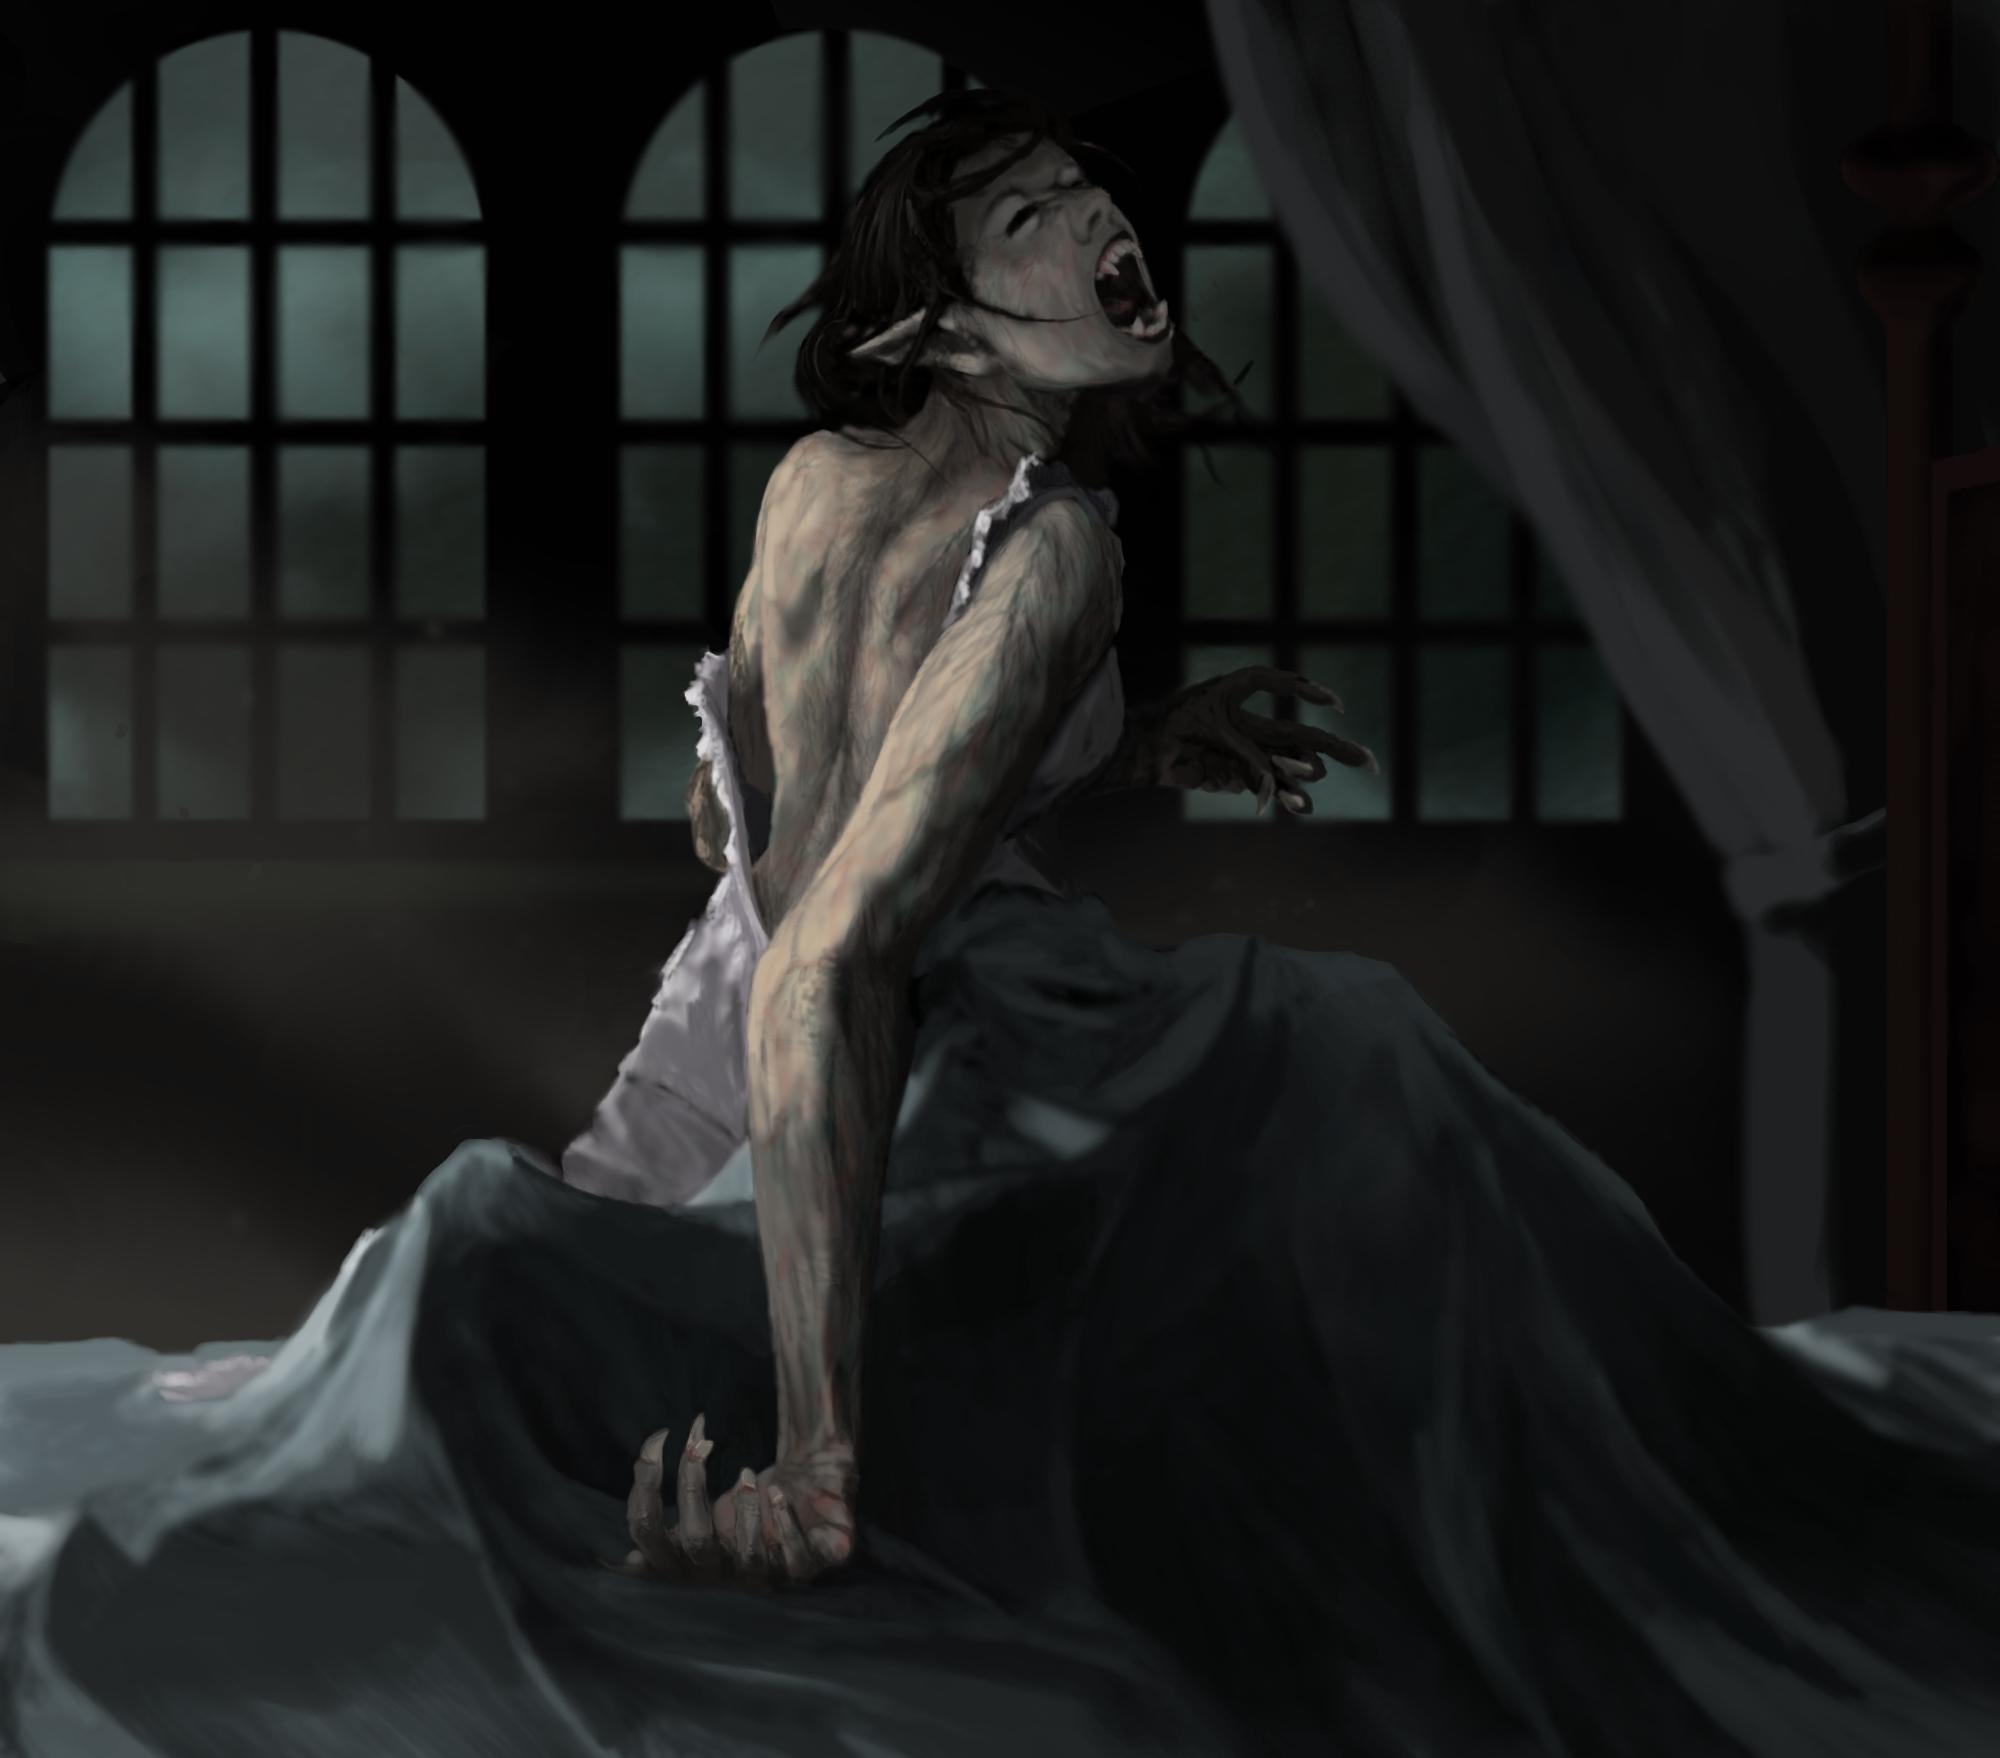 Werewolf Transformation by thatDMan on DeviantArt